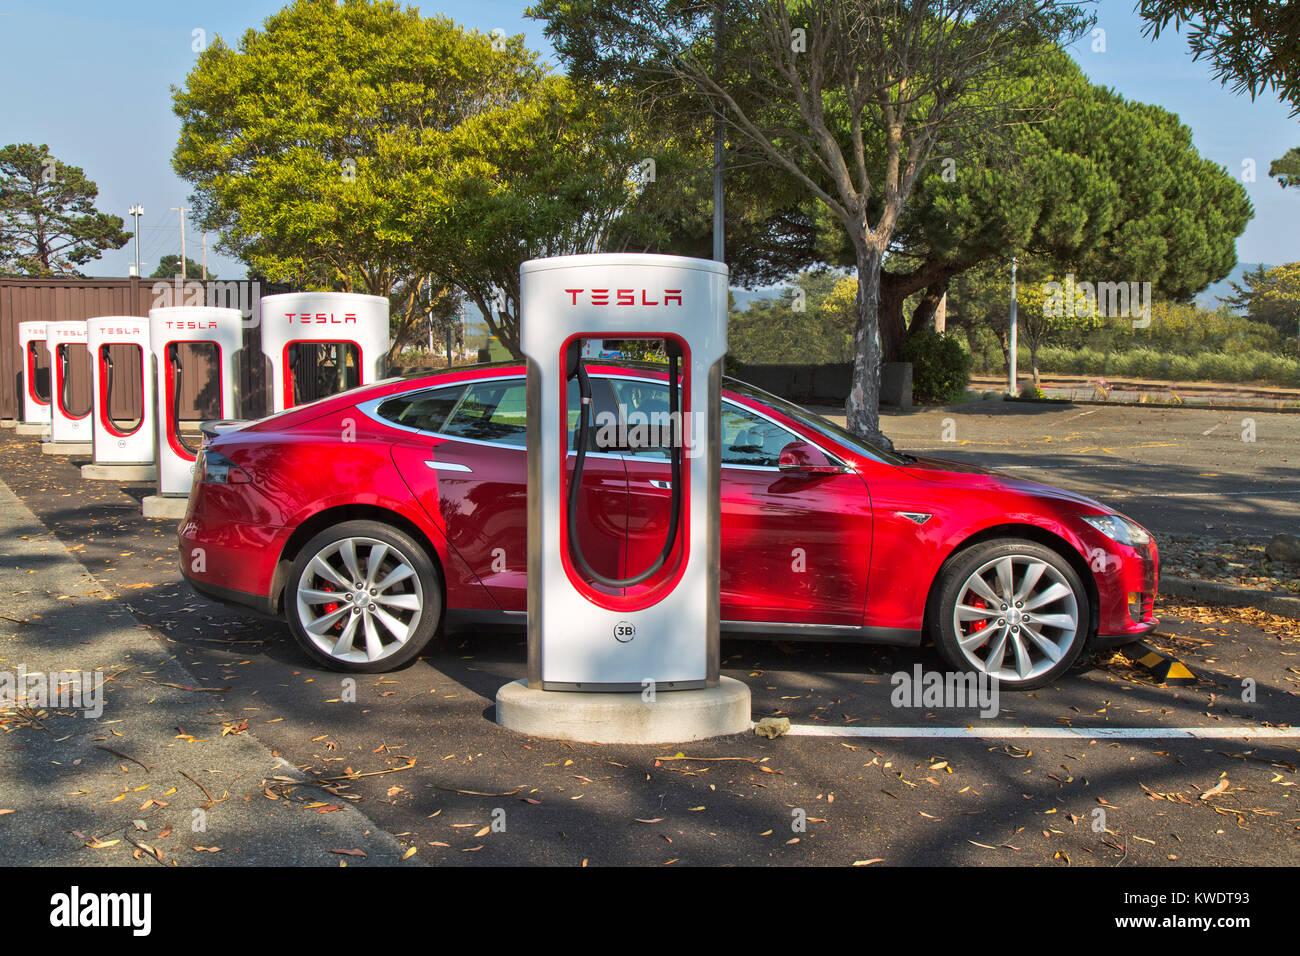 Tesla 'S' sedan collegato a 480 volt (ricarica rapida) Supercharger stazione. Immagini Stock